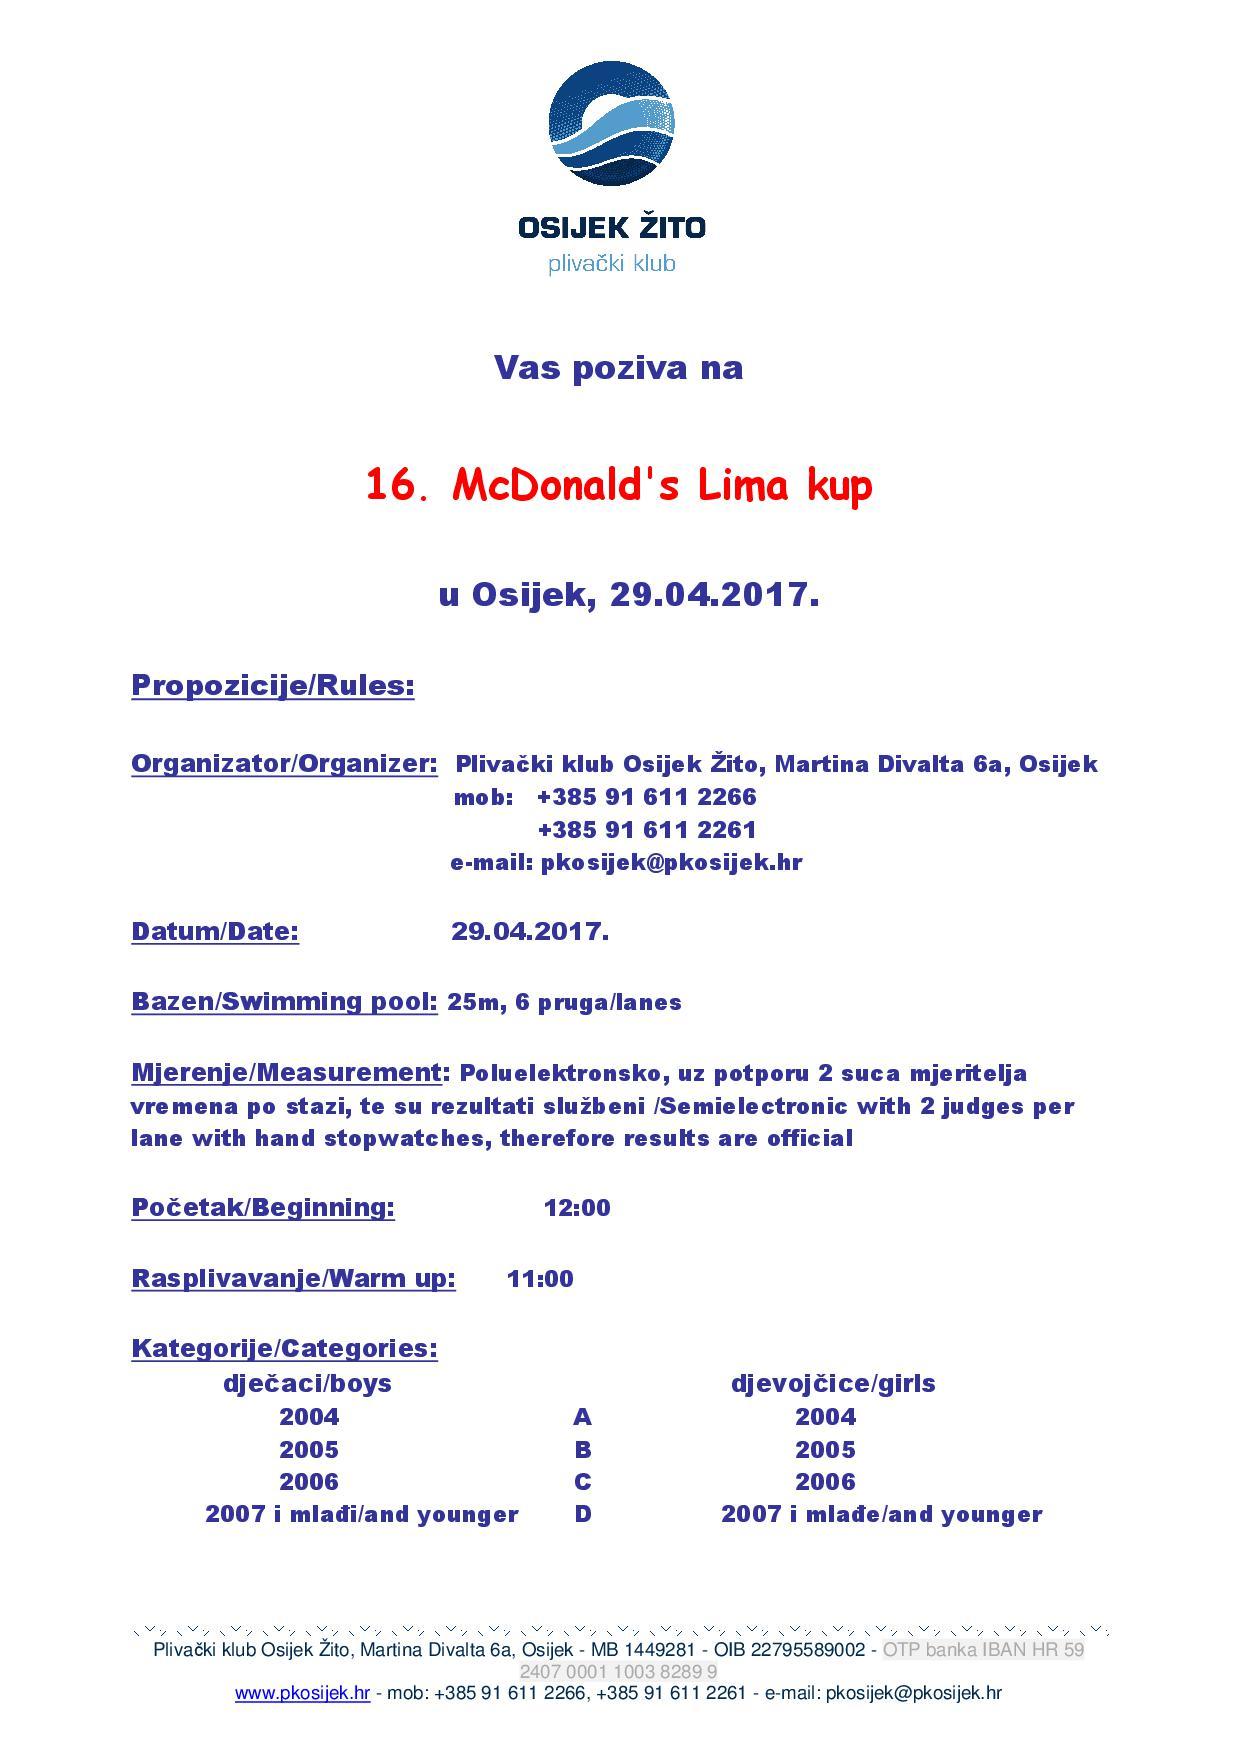 16. McDonald's Lima kup 2017 (CRO) - Прва страница пропозиција (у JPG формату)